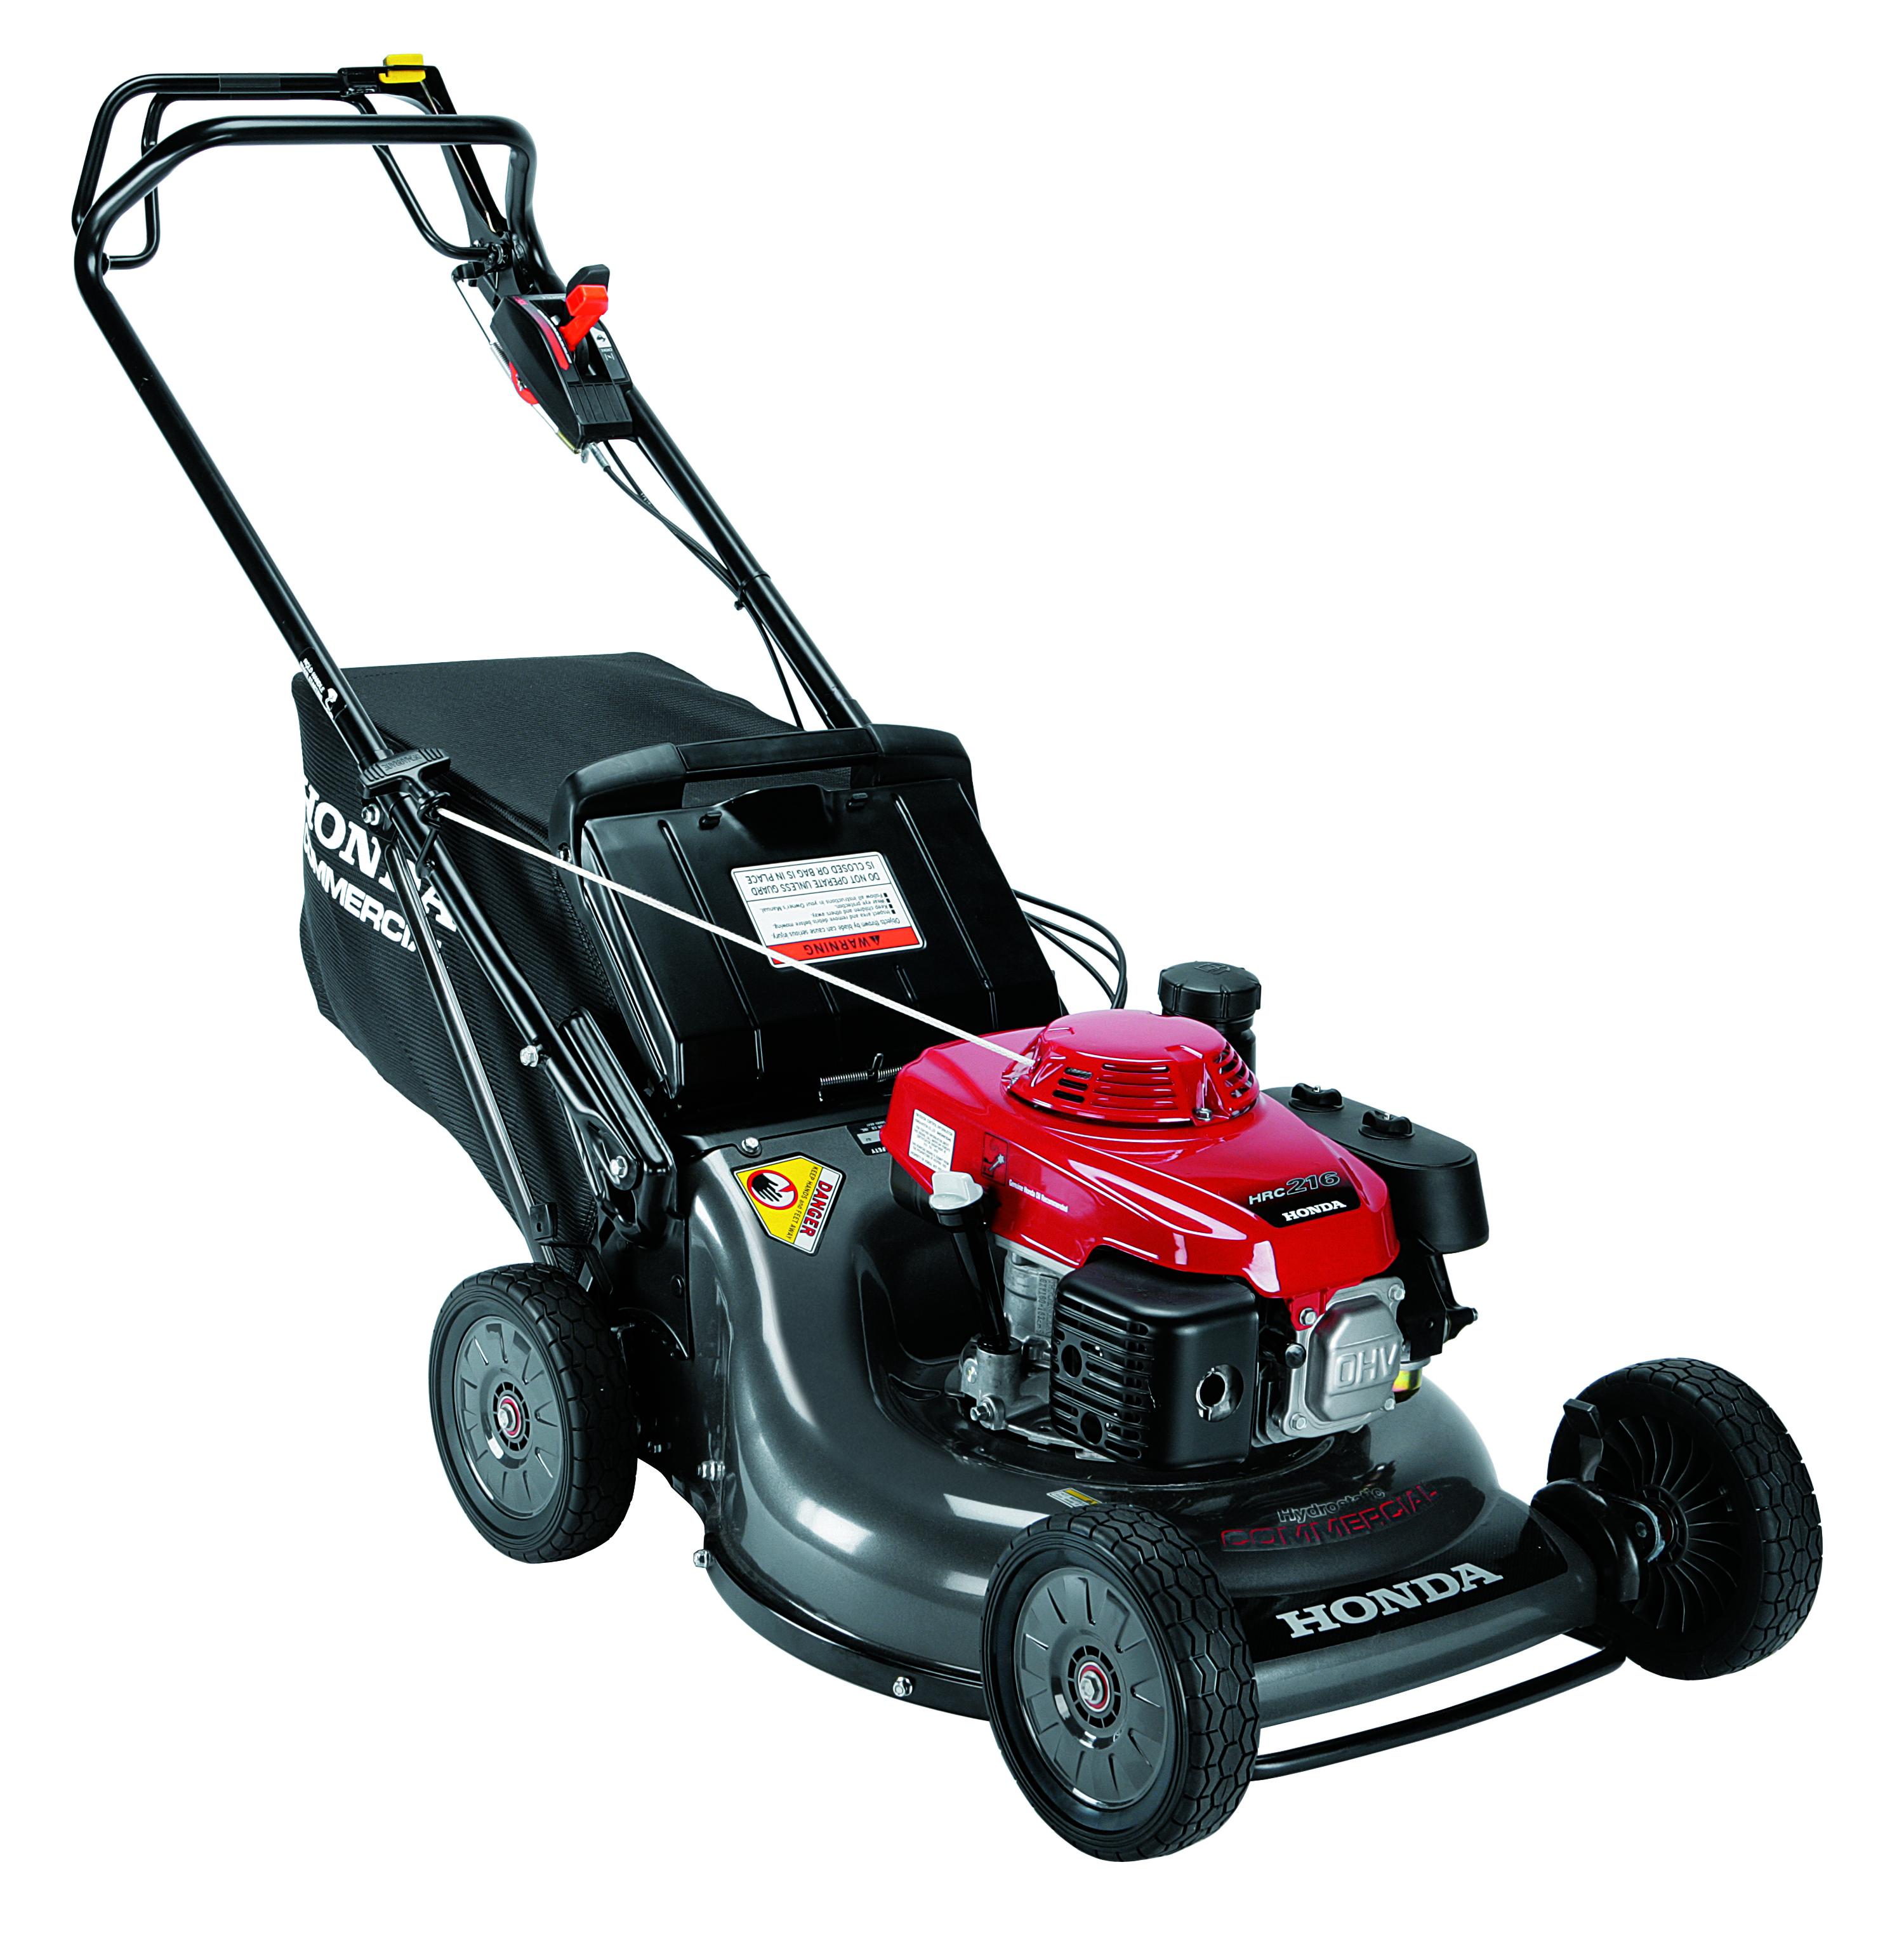 Type SXA Type HXA HRC216K2 Lawn Mower Ignition Coil for Honda HRA216